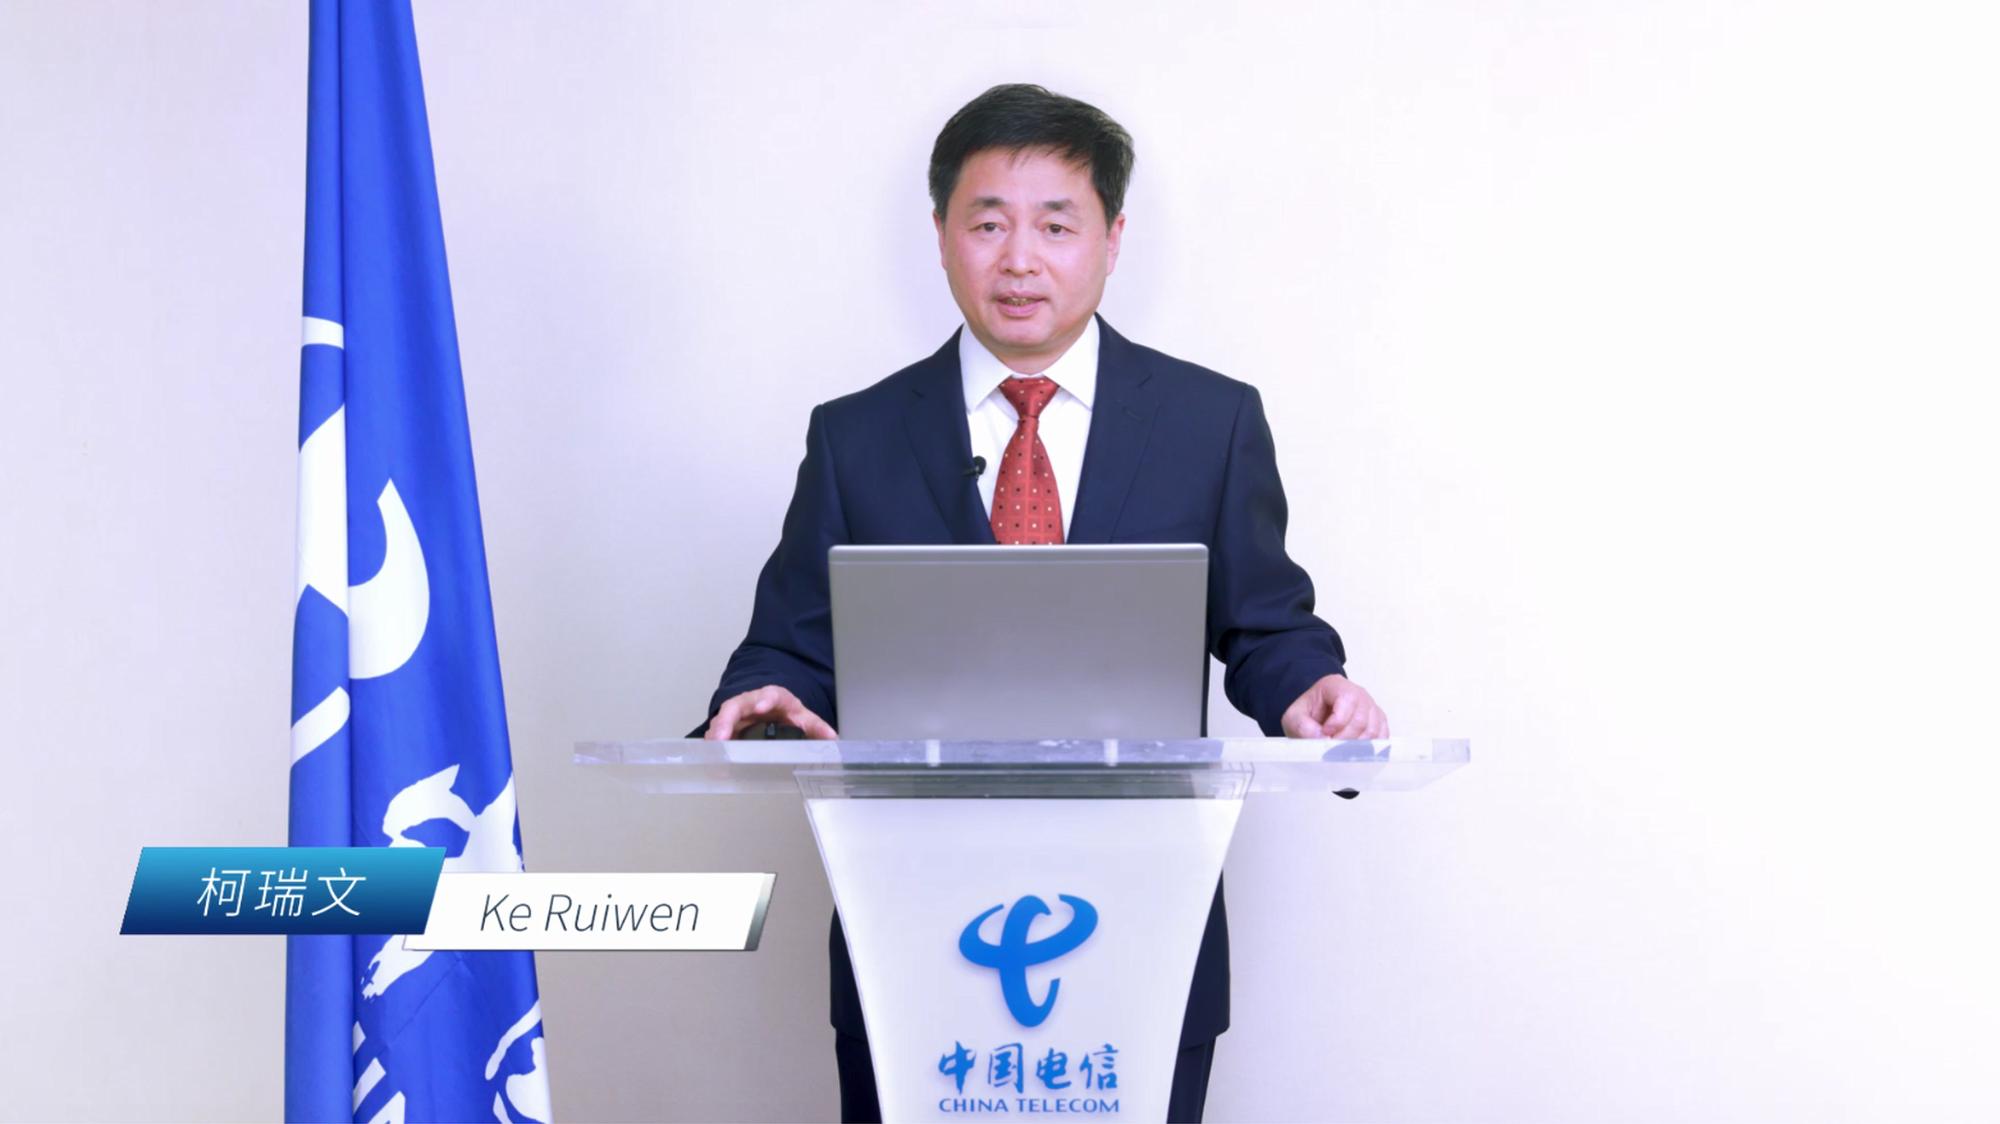 中国电信董事长柯瑞文发表演讲